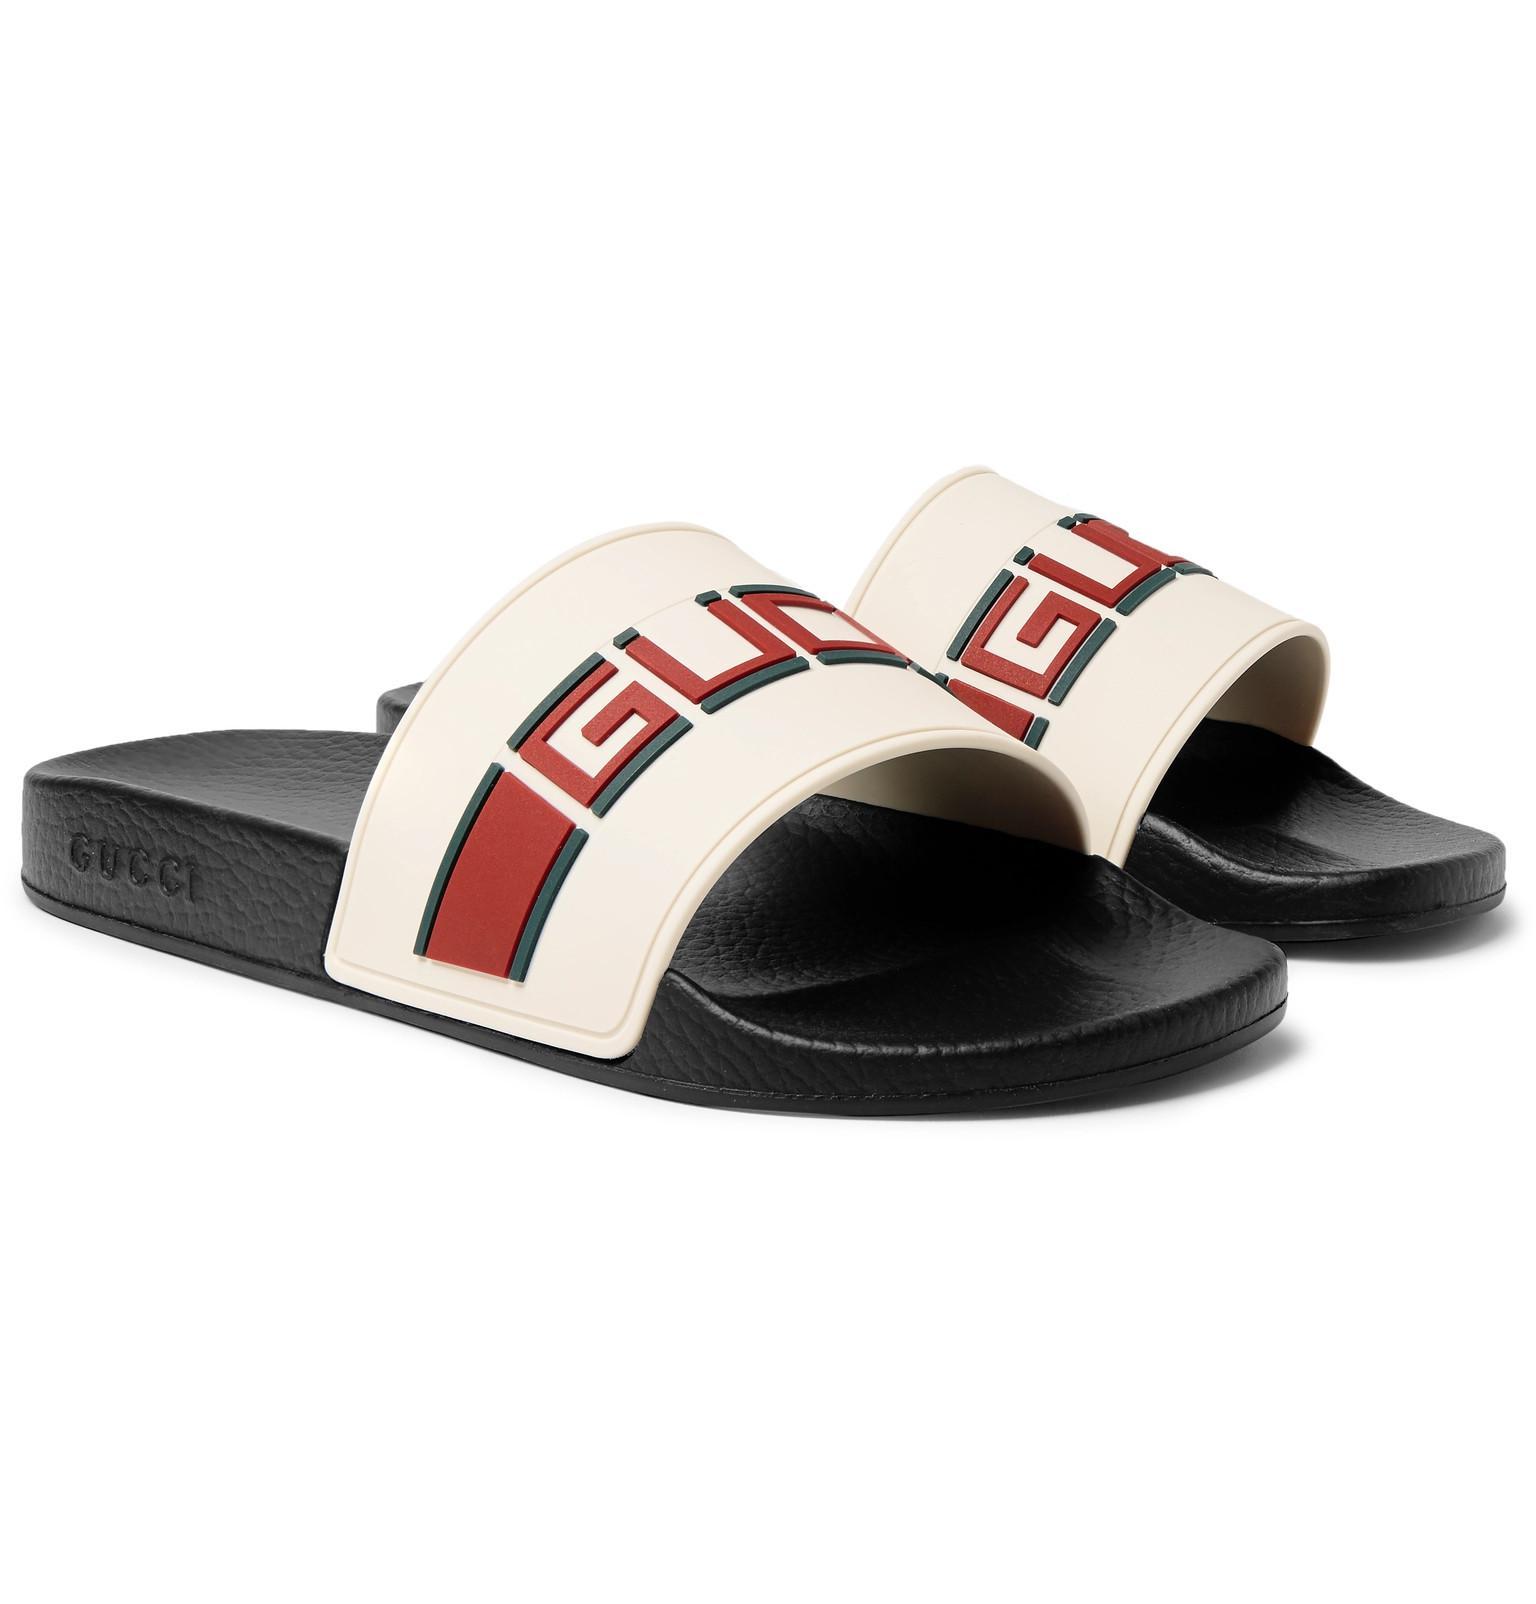 0c91e6e24 Gucci - White Stripe Rubber Slide Sandal for Men - Lyst. View fullscreen